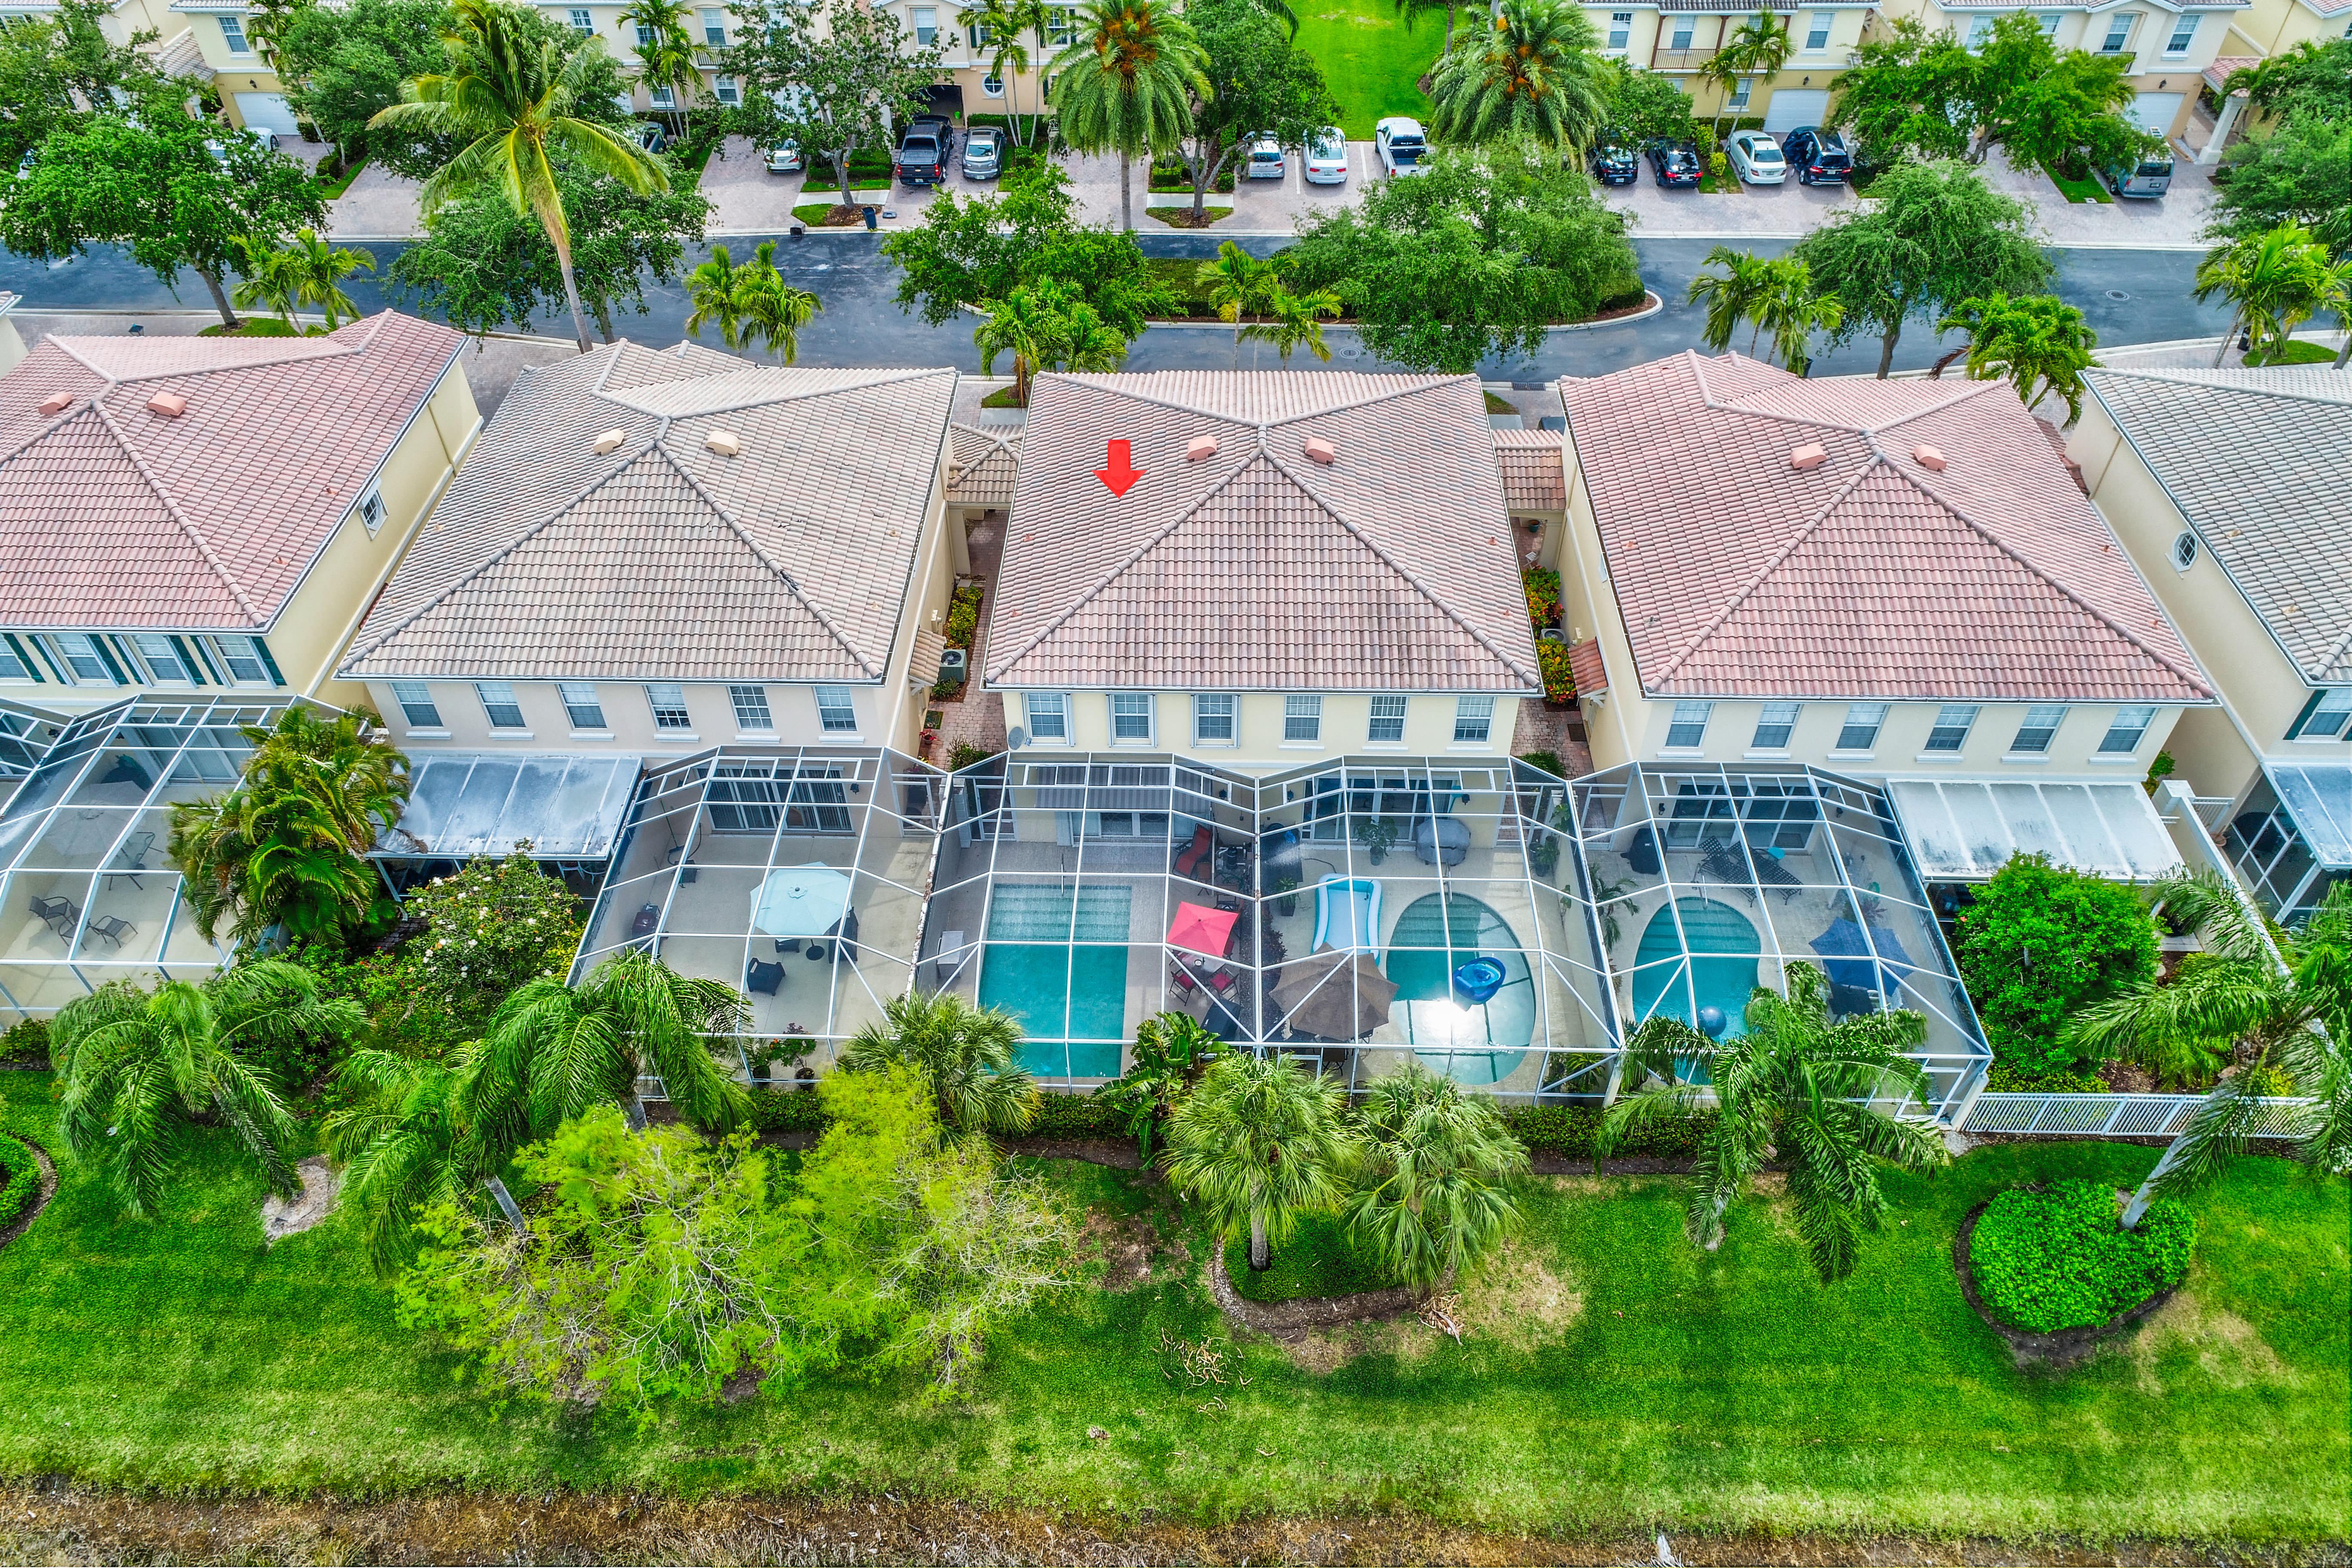 2303 S Wallen Dr, West Palm Beach, FL 33410 | RealEstate.com